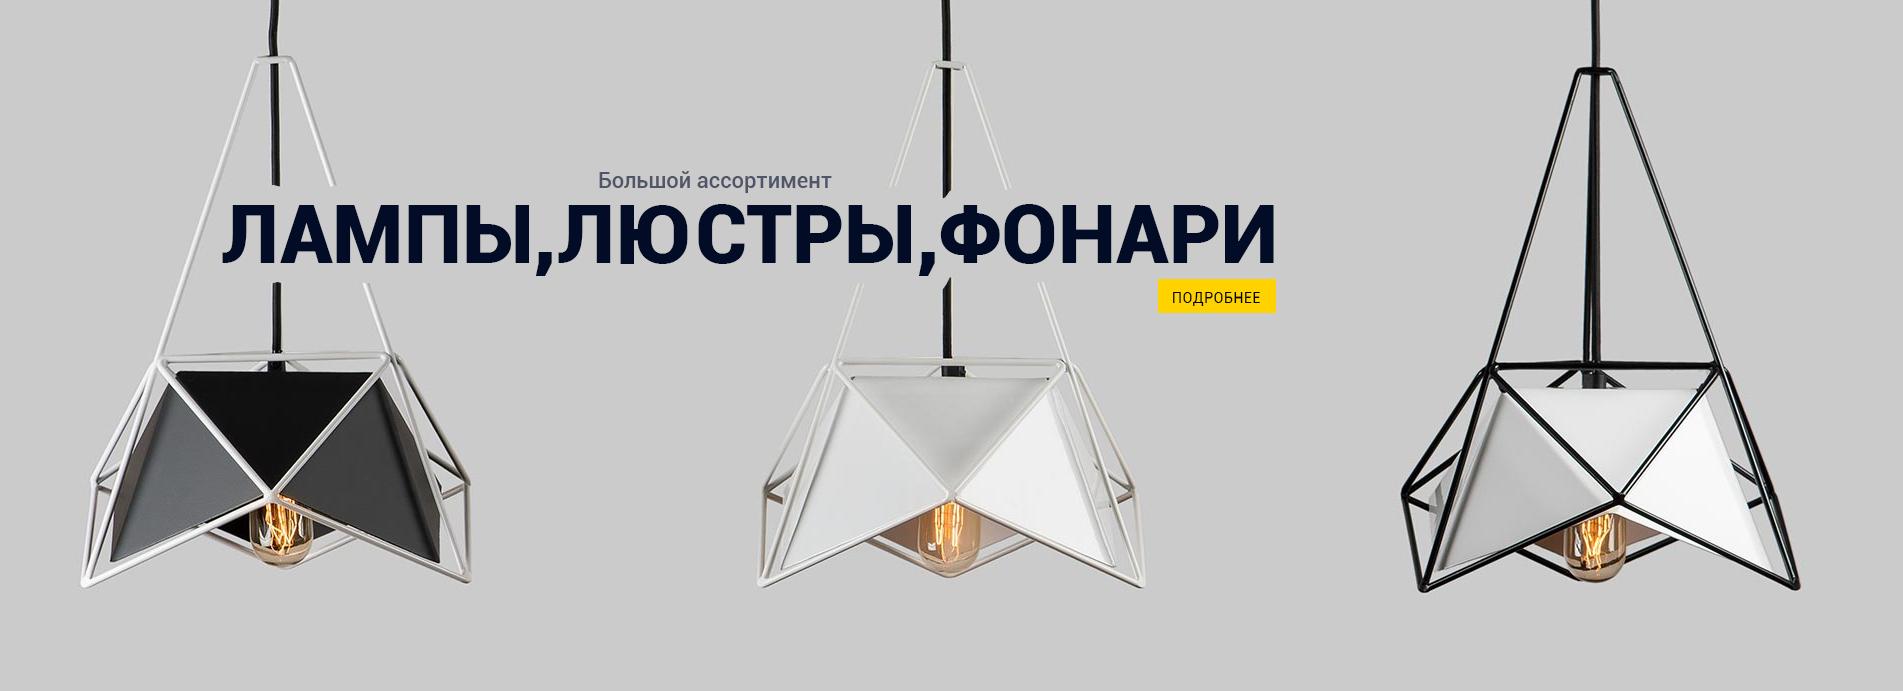 Лампы,люстры,фонари